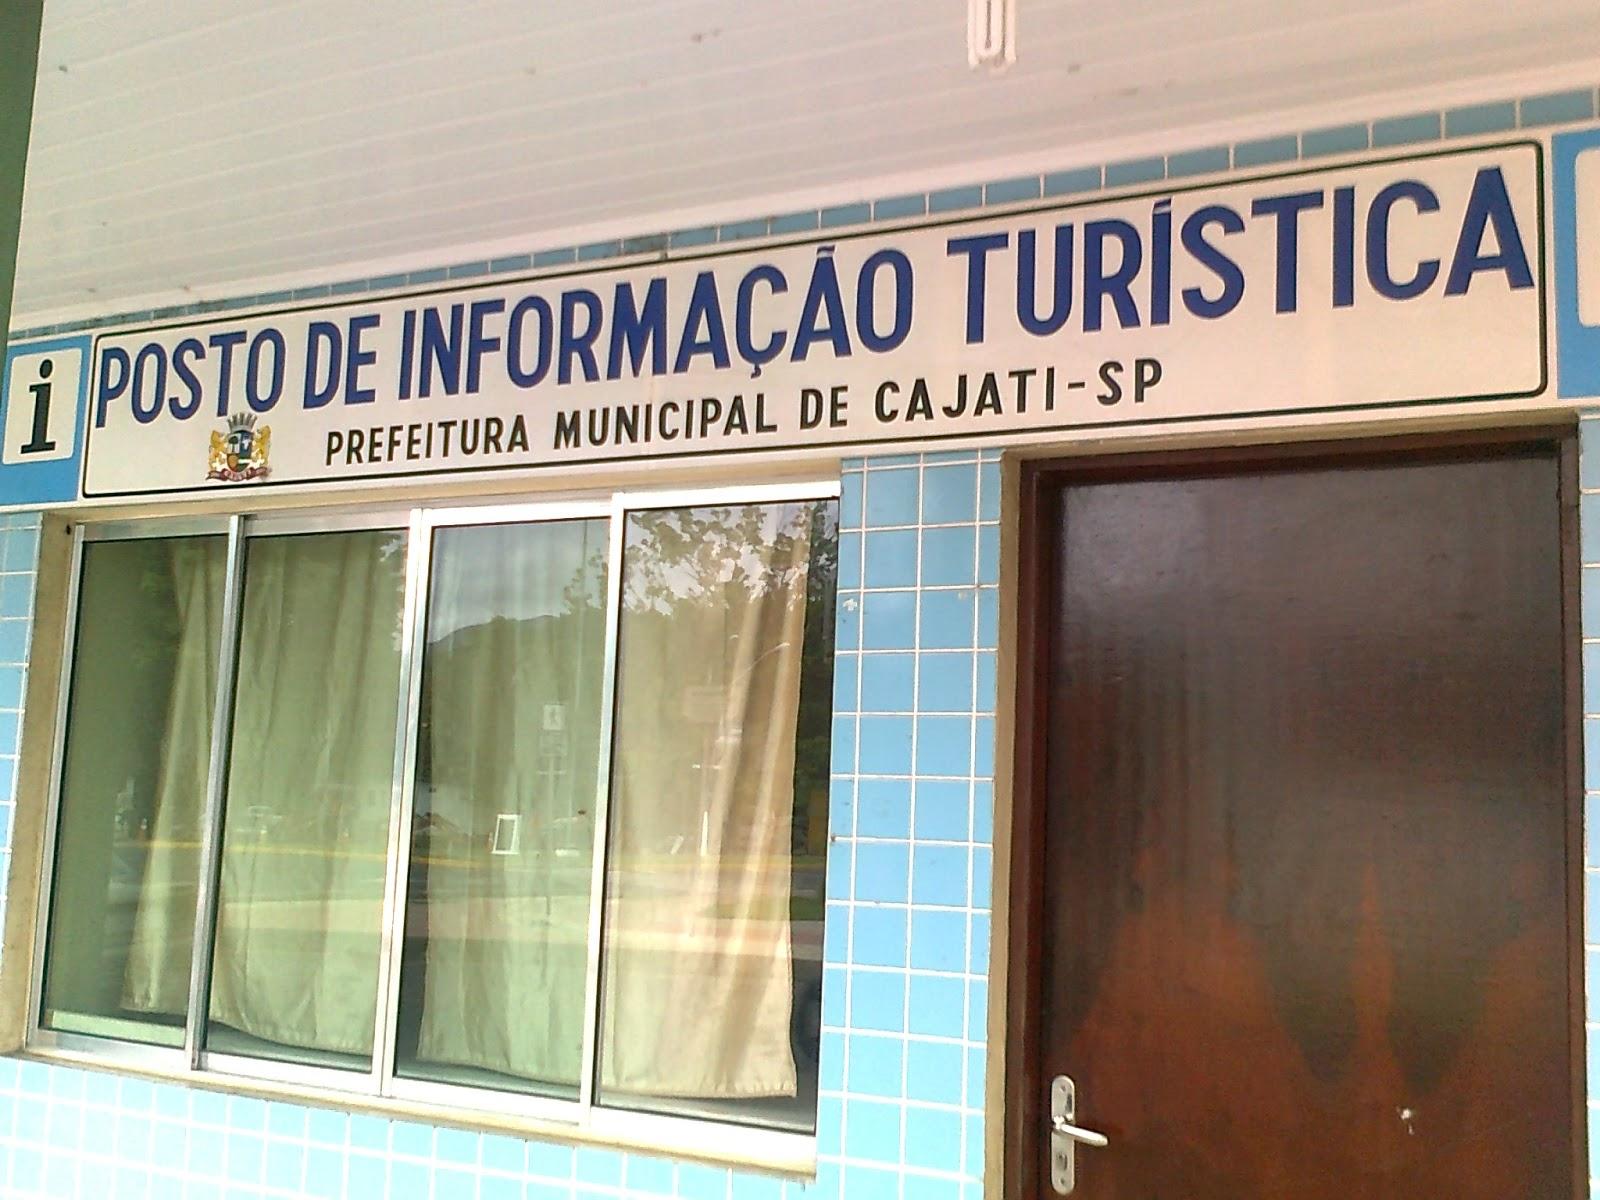 Noticia de Cajati e Região do Vale do Ribeira e Estado de São Paulo